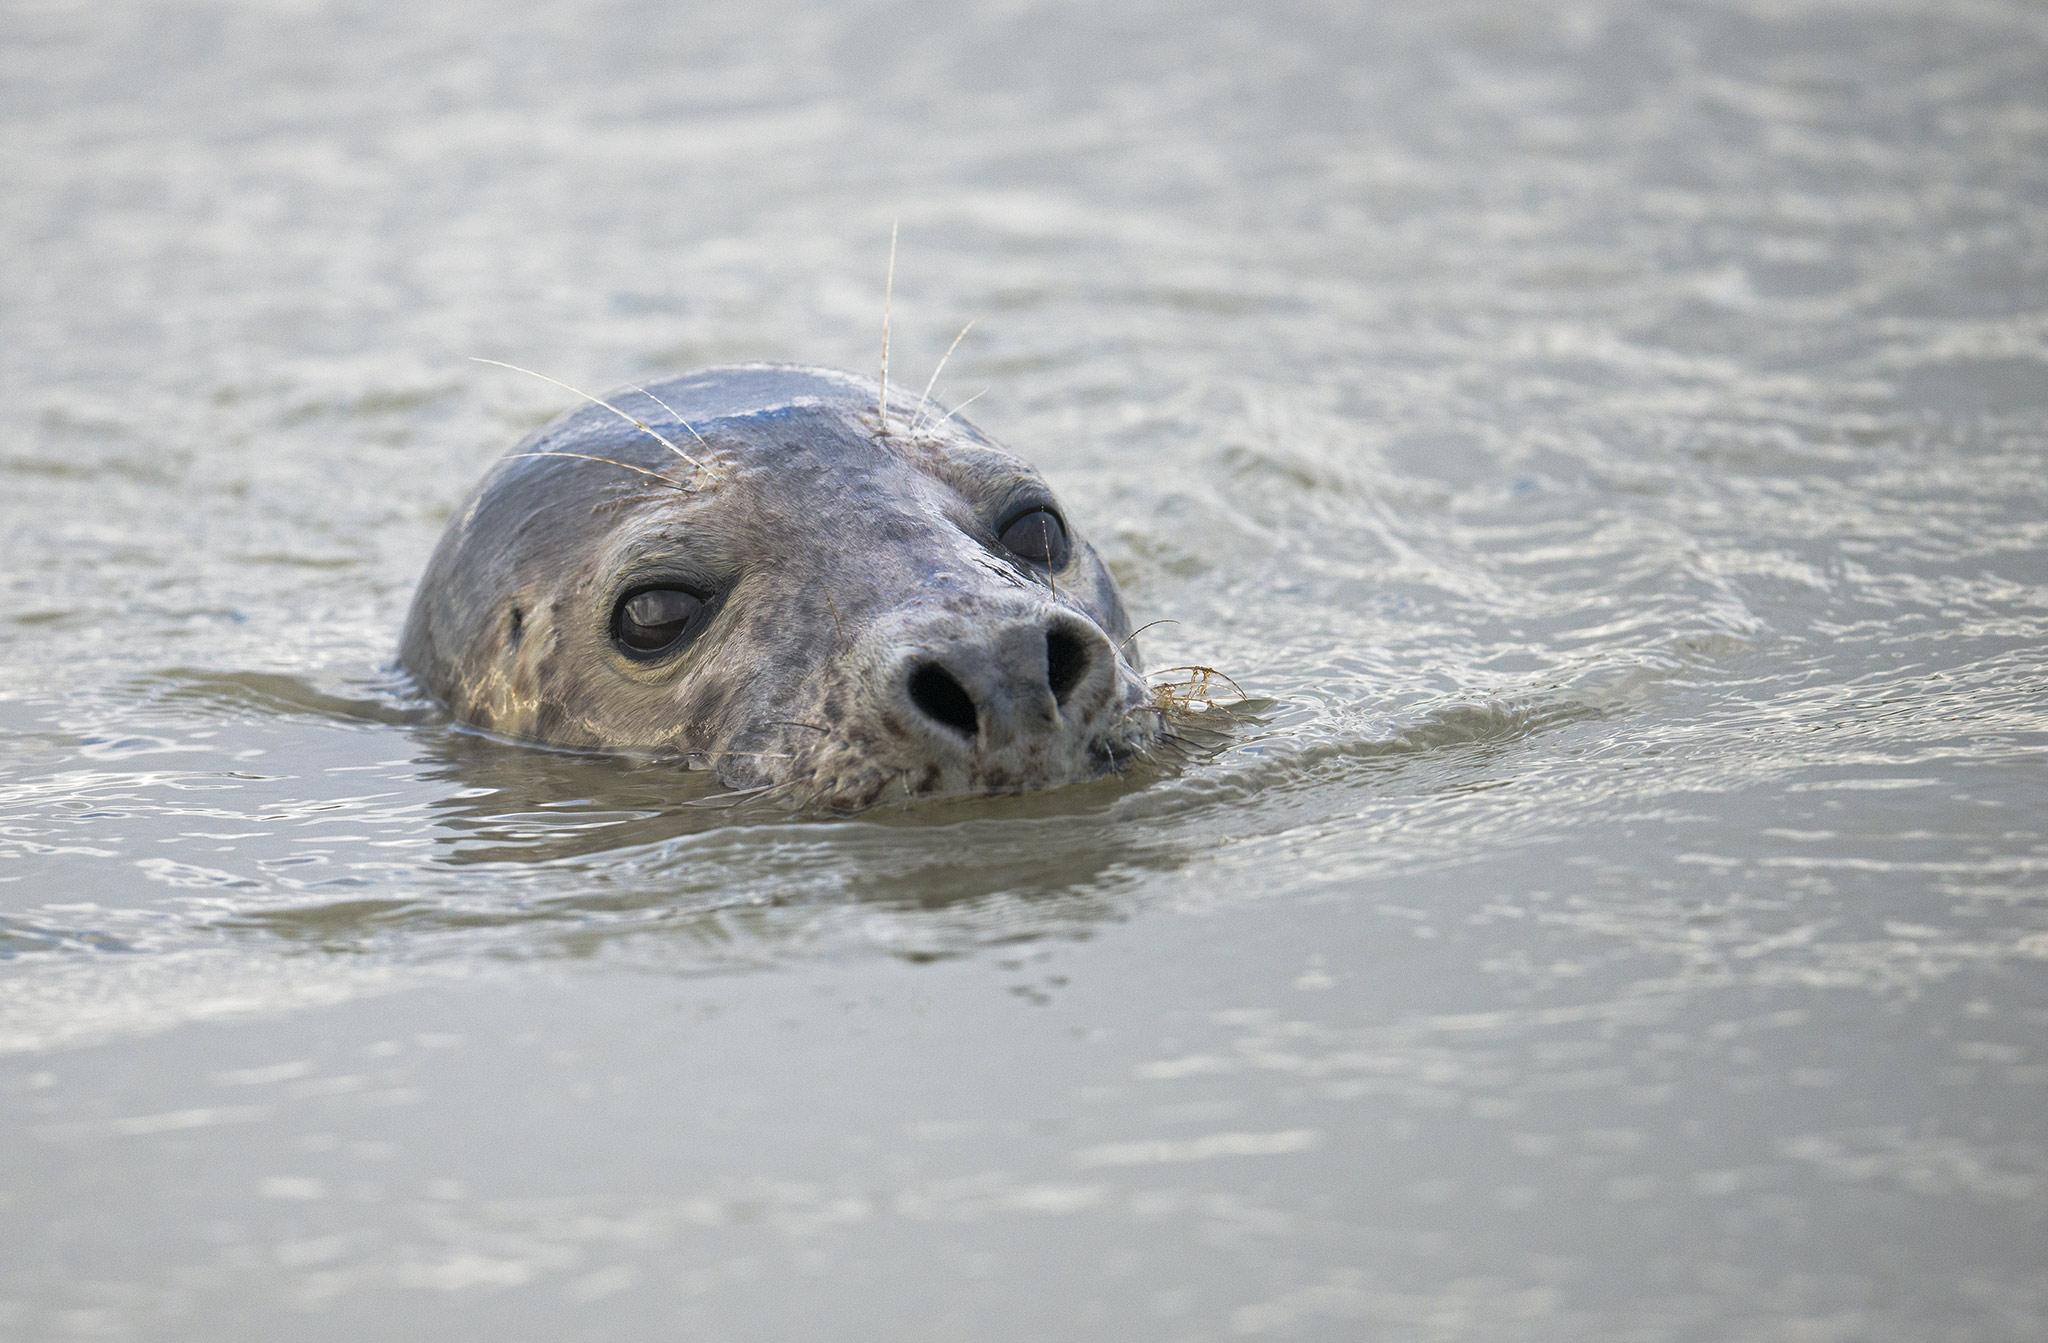 Les phoques gris et les phoques veaux-marins Baie d'Authie - Berck-sur-mer - Picardie